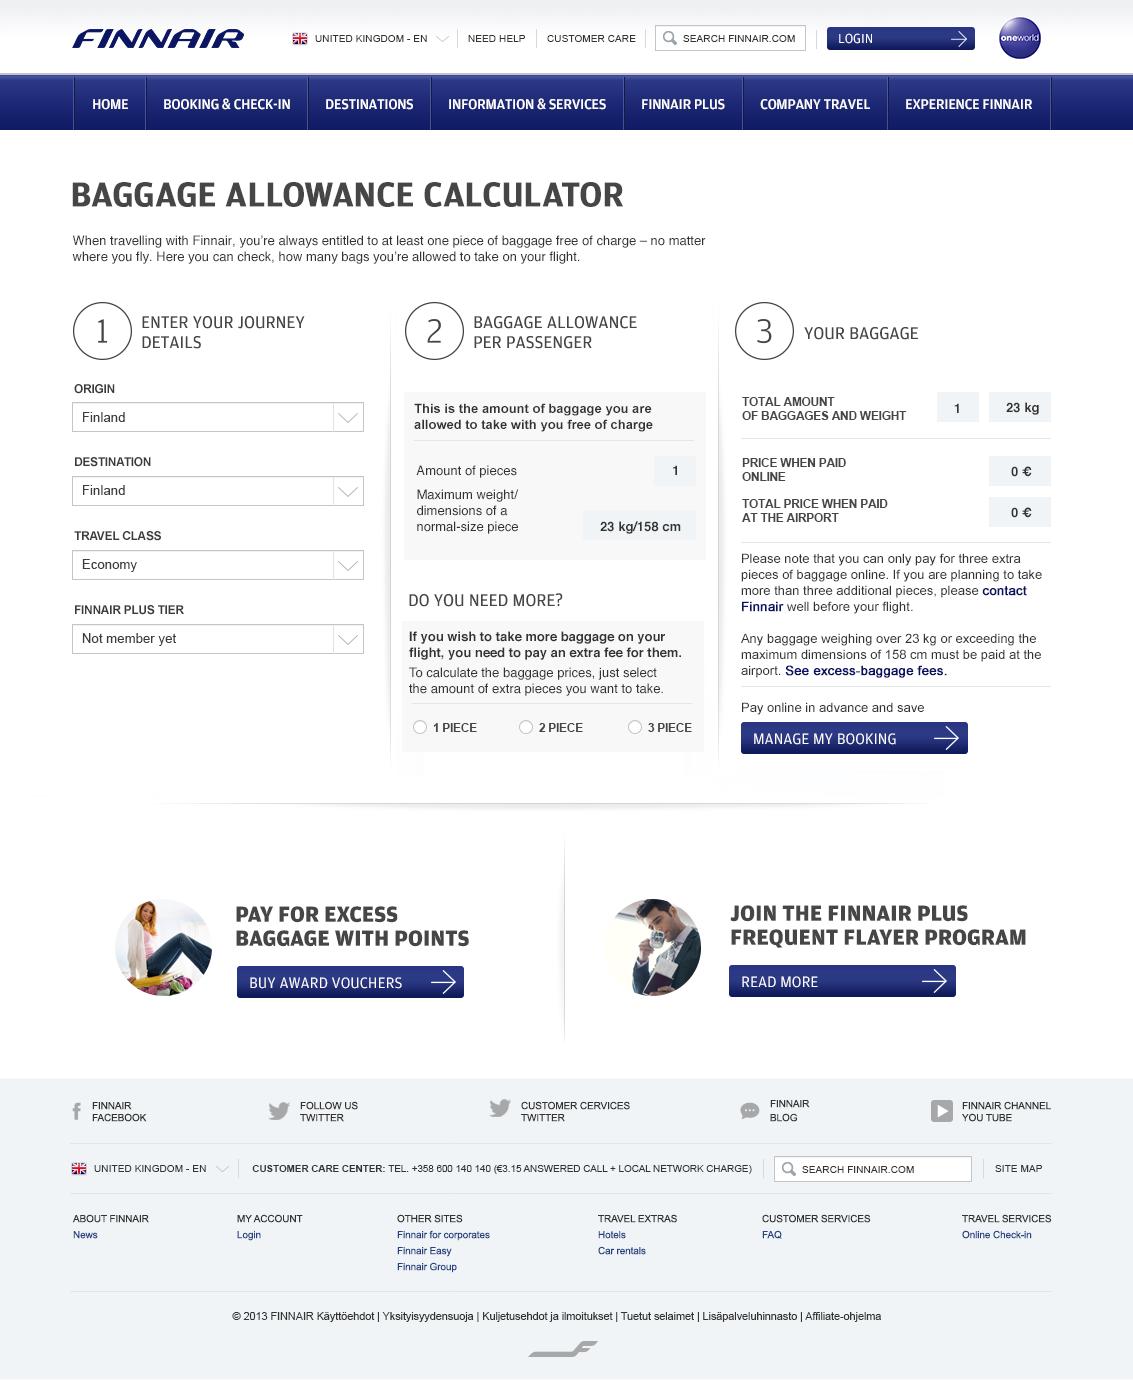 Finnair_baggage.png